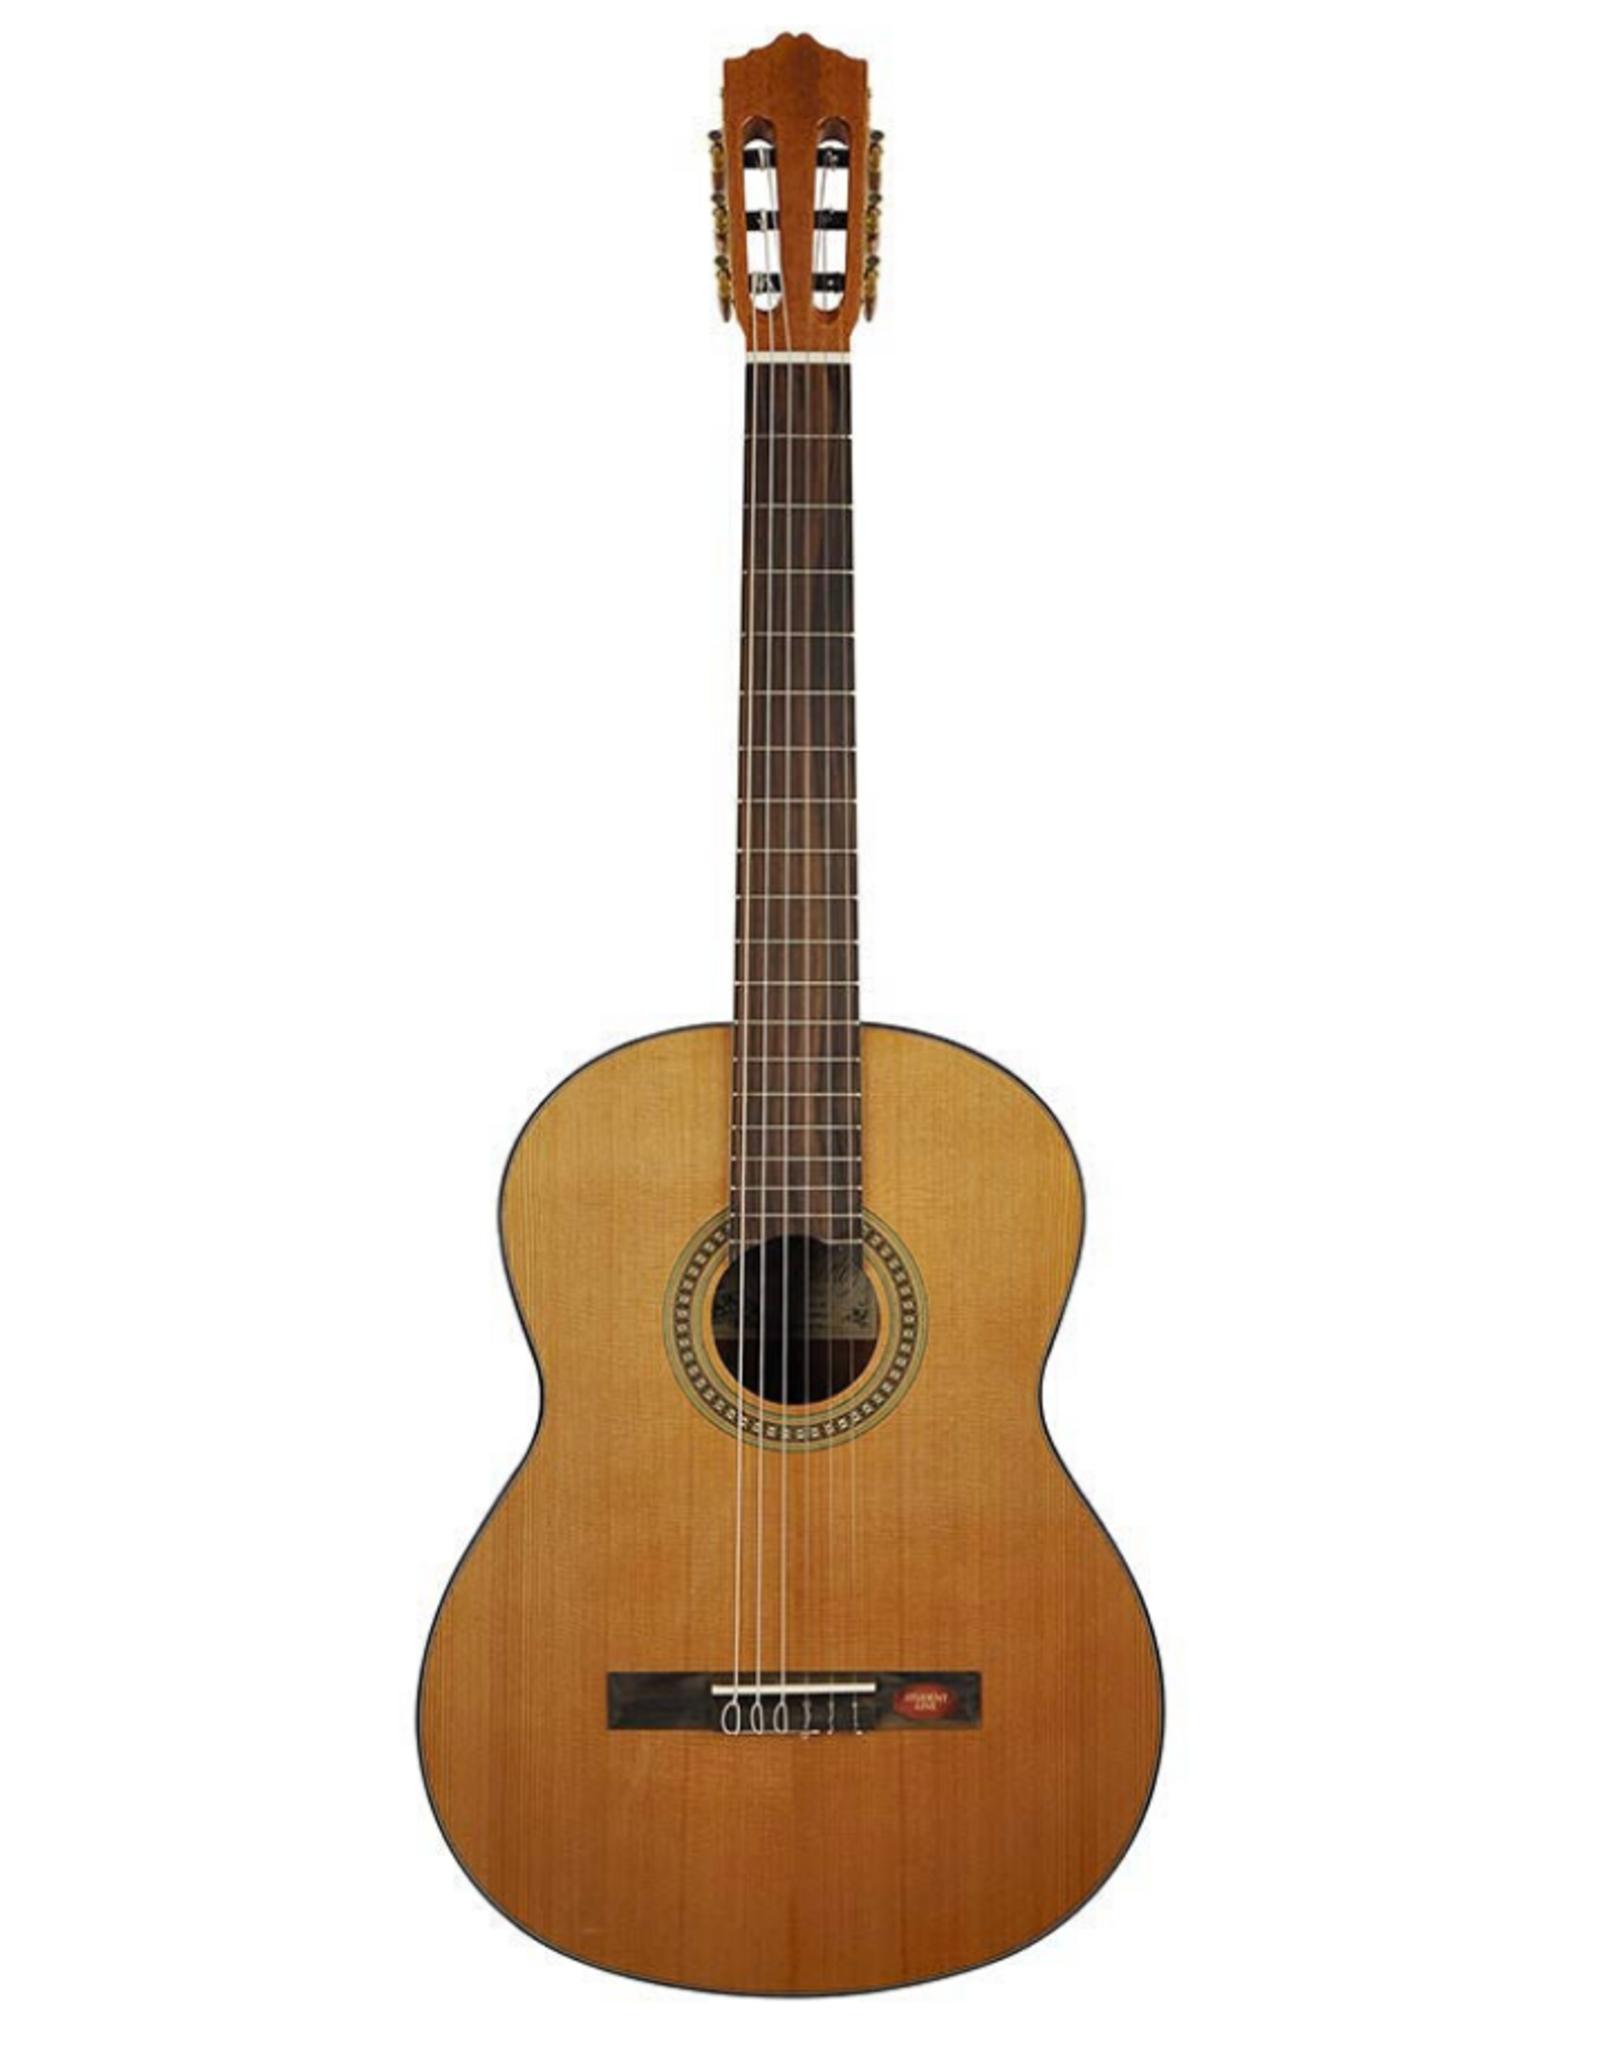 SALVADOR CORTEZ Student Series klassieke gitaar, 1/2 bambino